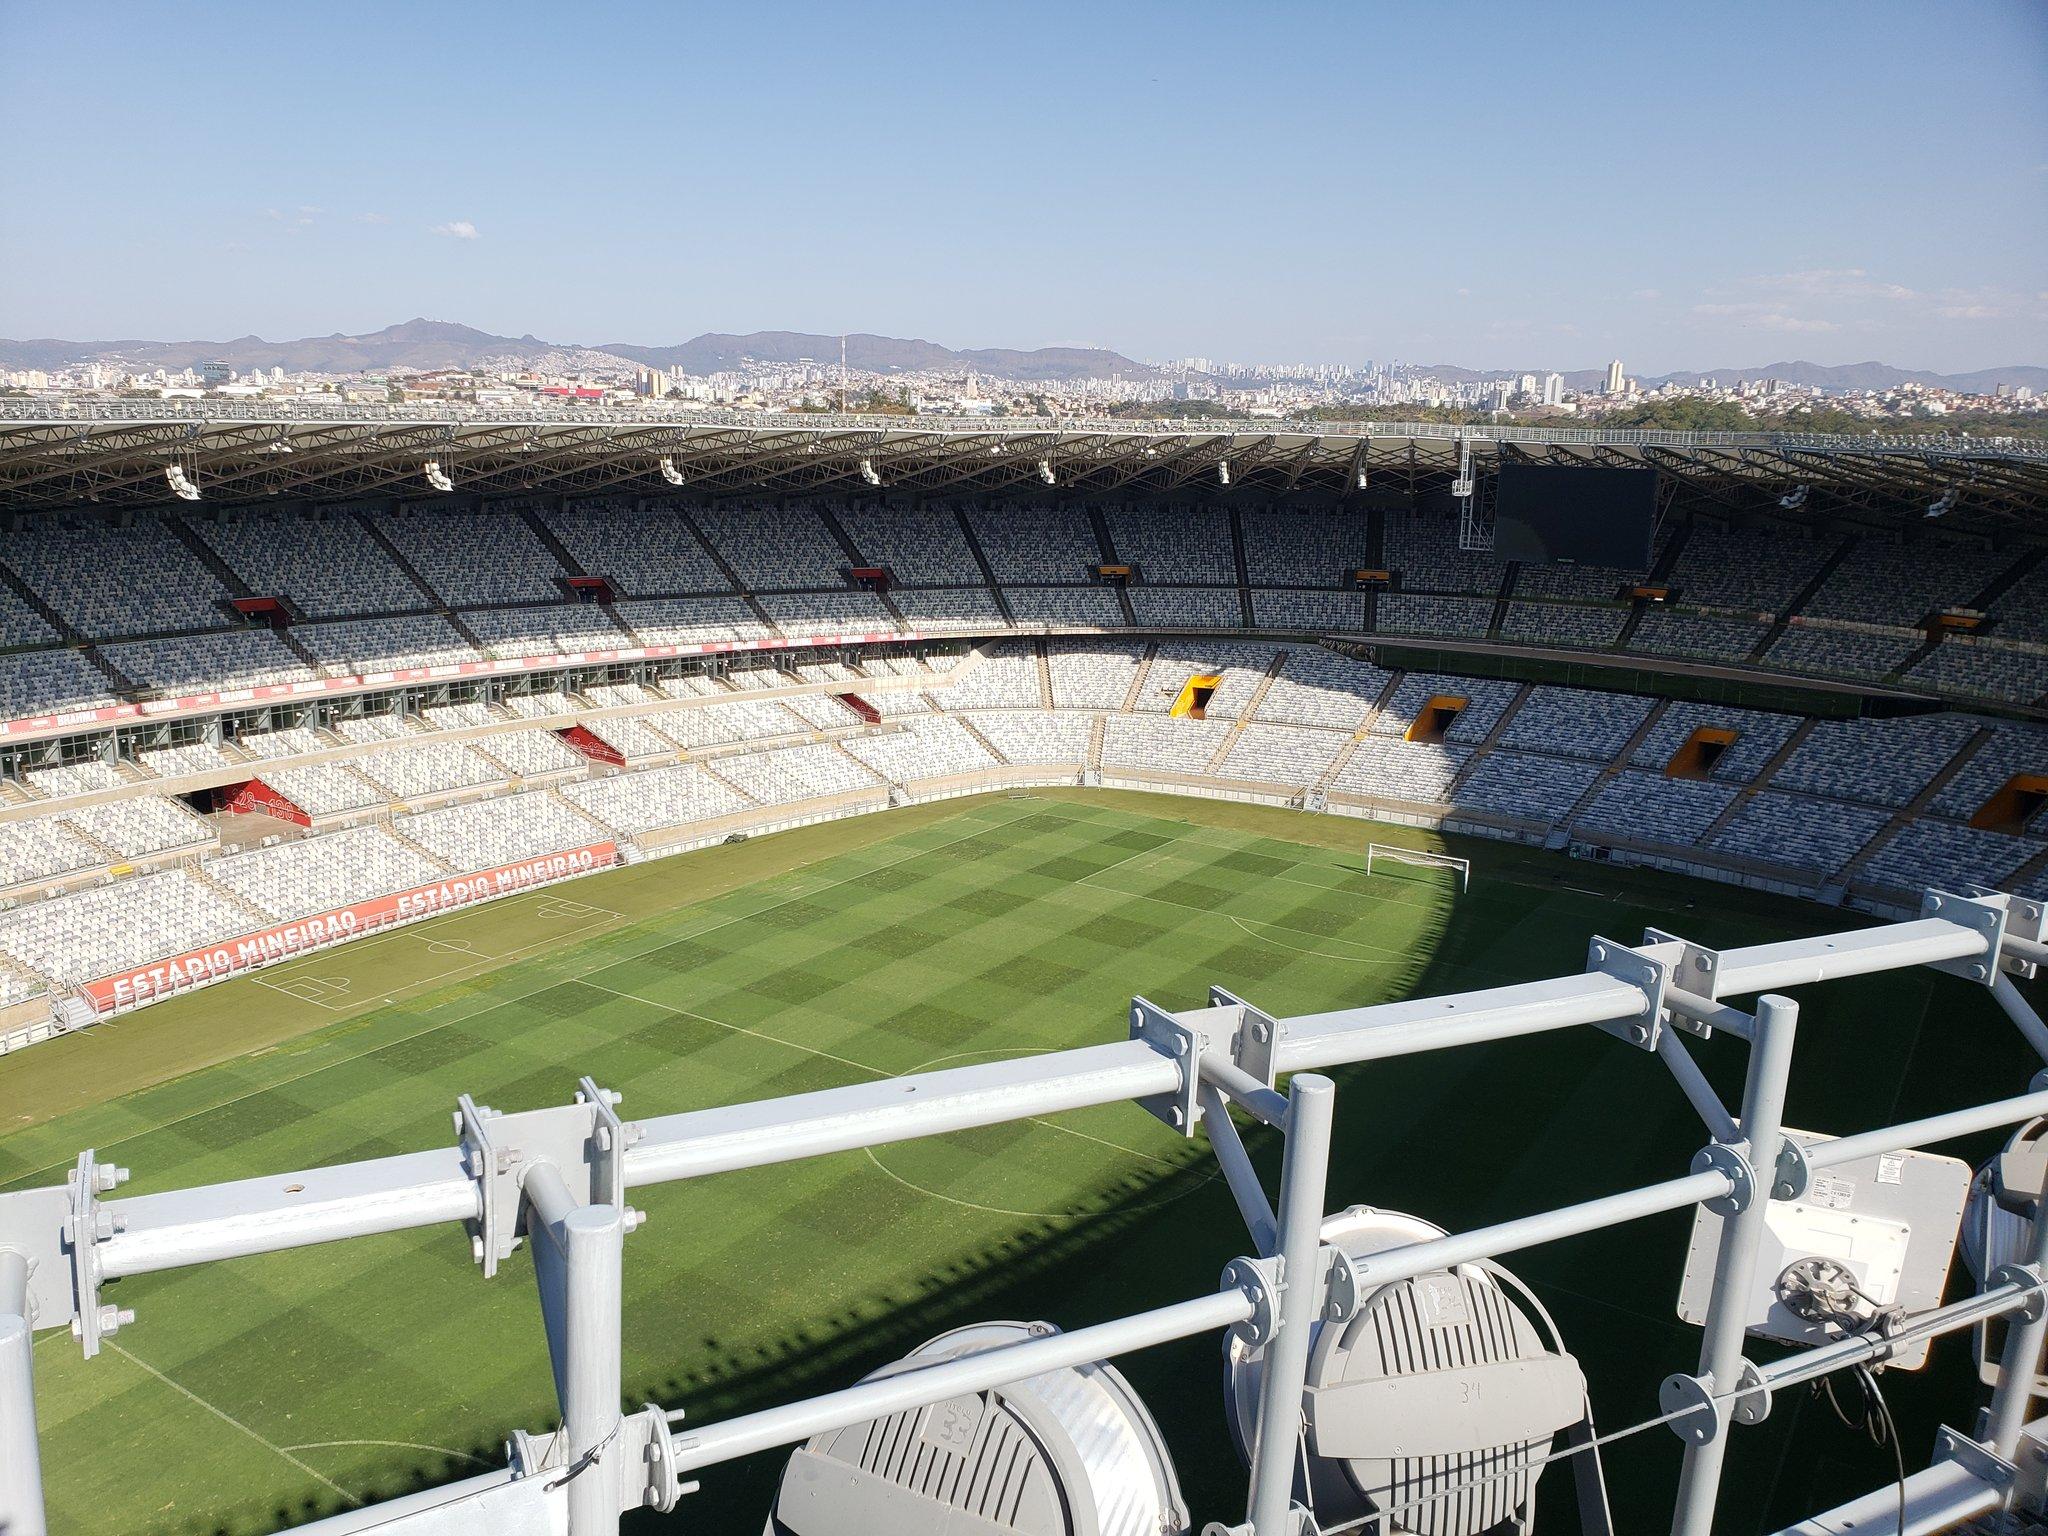 Com objetivos idênticos, Atlético-MG e Fluminense se enfrentam na noite desta quarta-feira (15), às 19h, no Estádio Mineirão